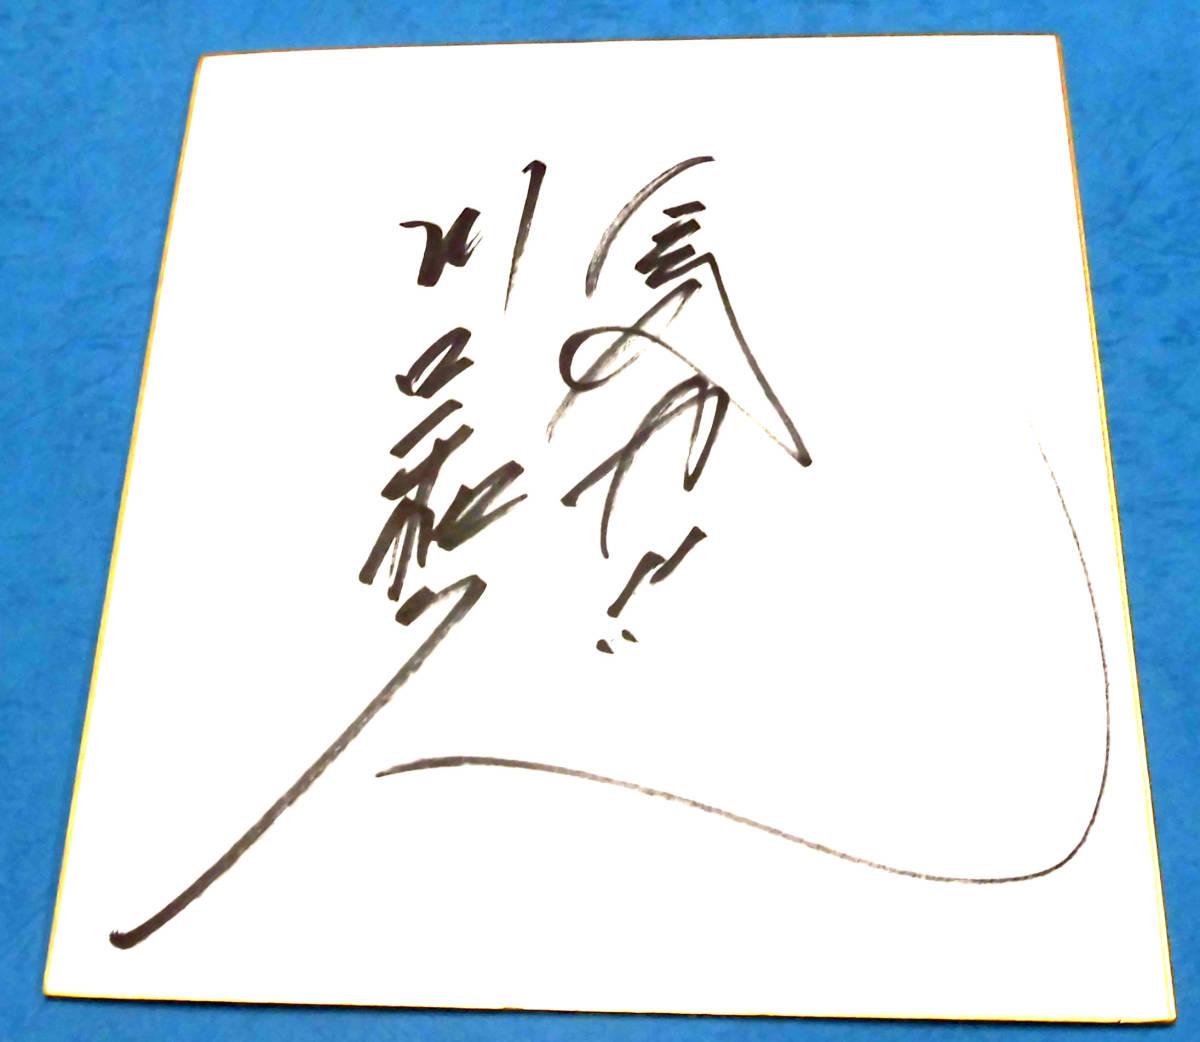 川口 和久 選手元(投手) 広島→巨人  元巨人一軍投手総合コーチ 直筆サイン色紙 現役引退後に書いて貰ったそうです。_画像1